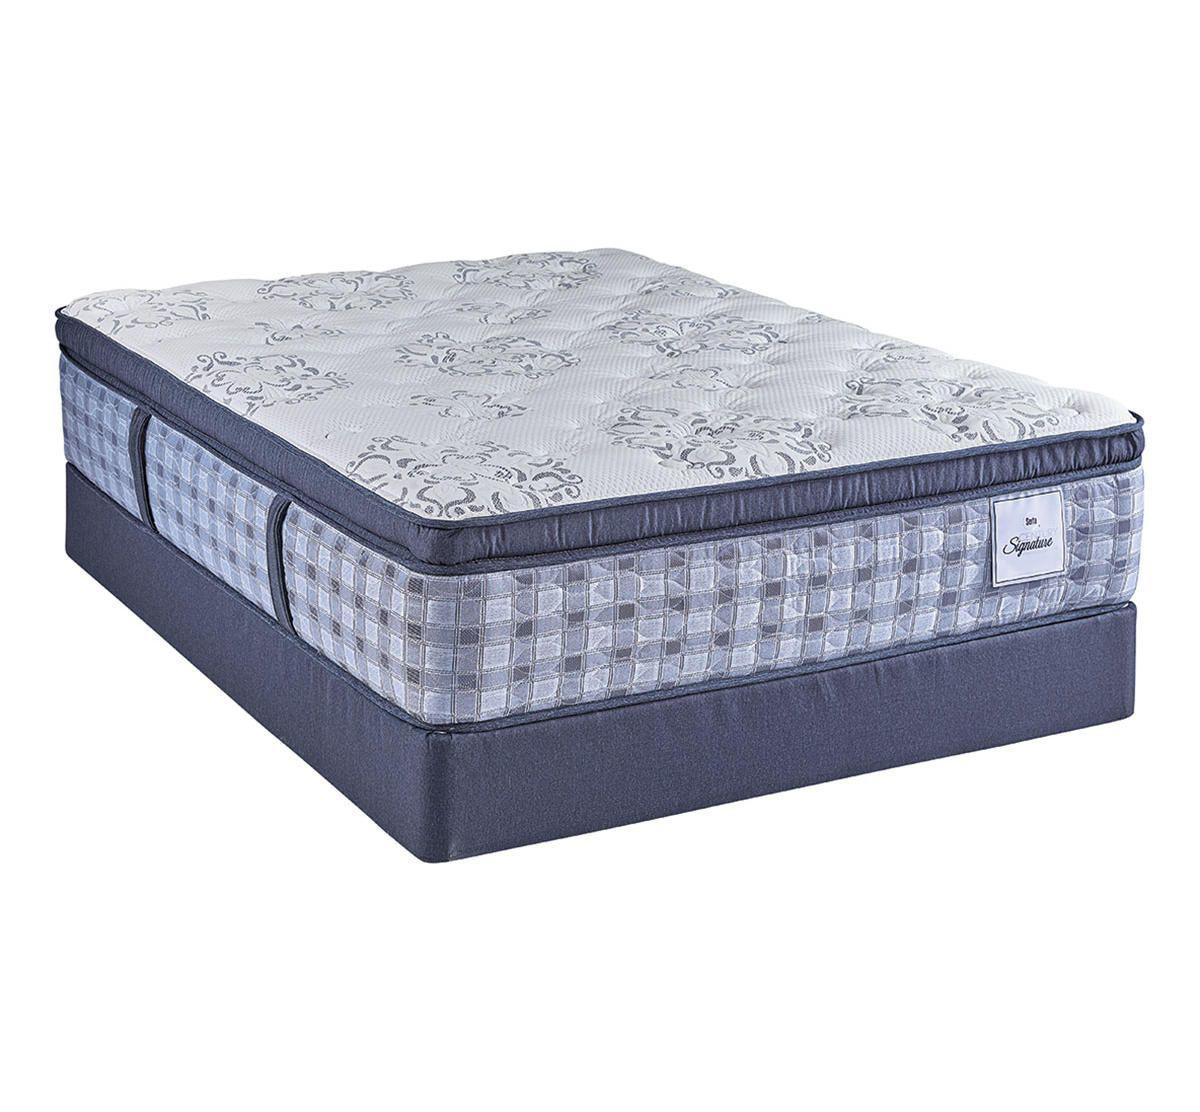 serta kantebury euro pillow top queen mattress set